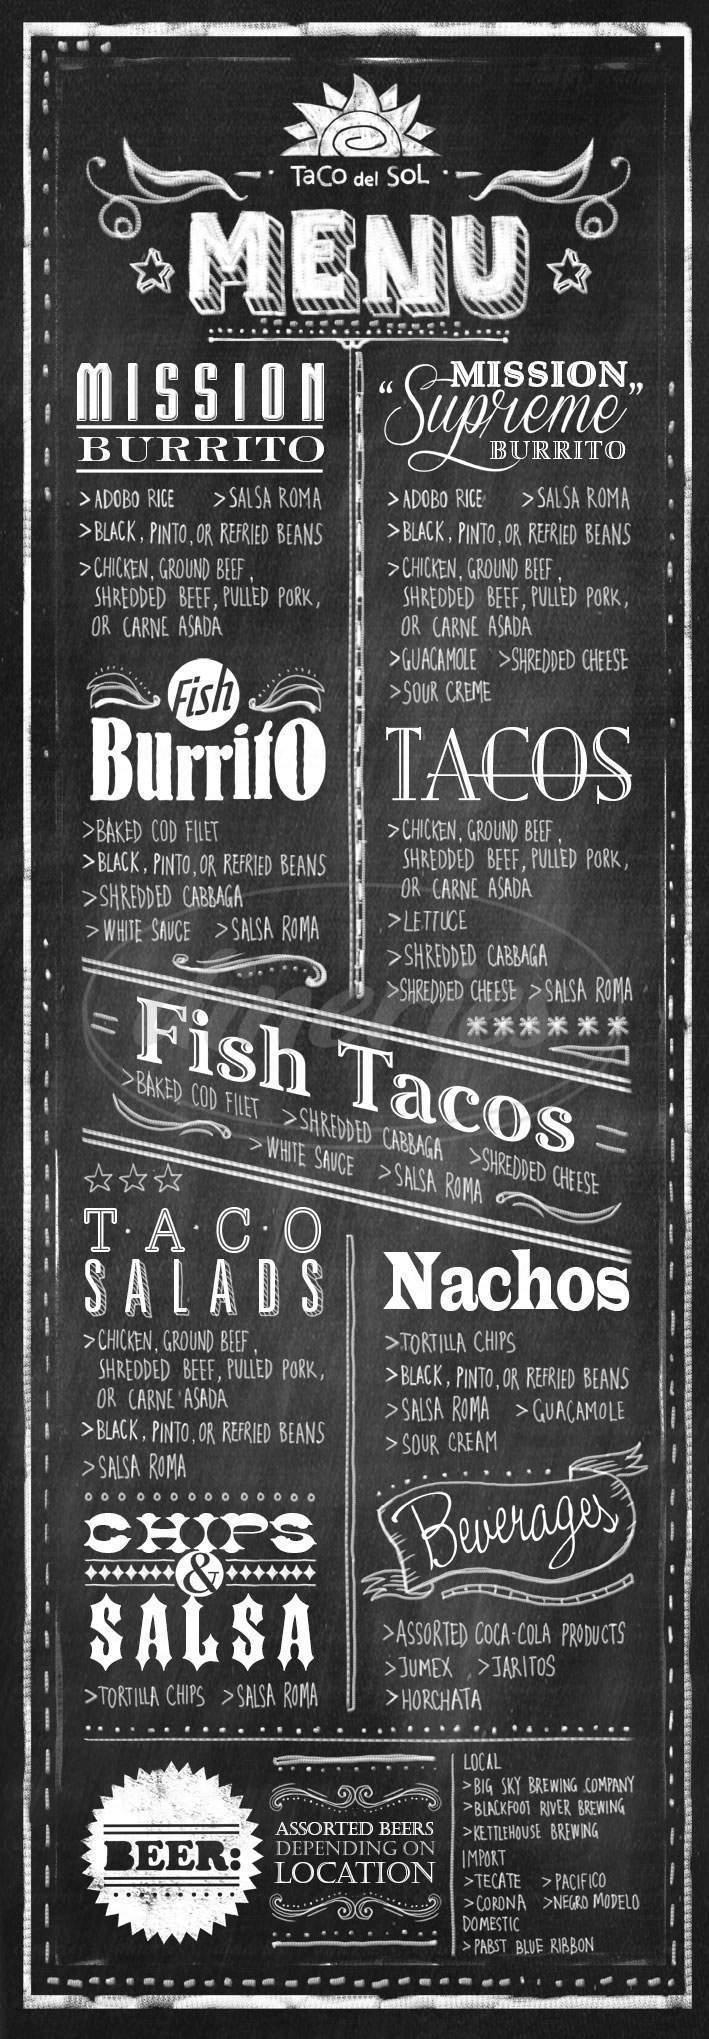 menu for Taco del Sol